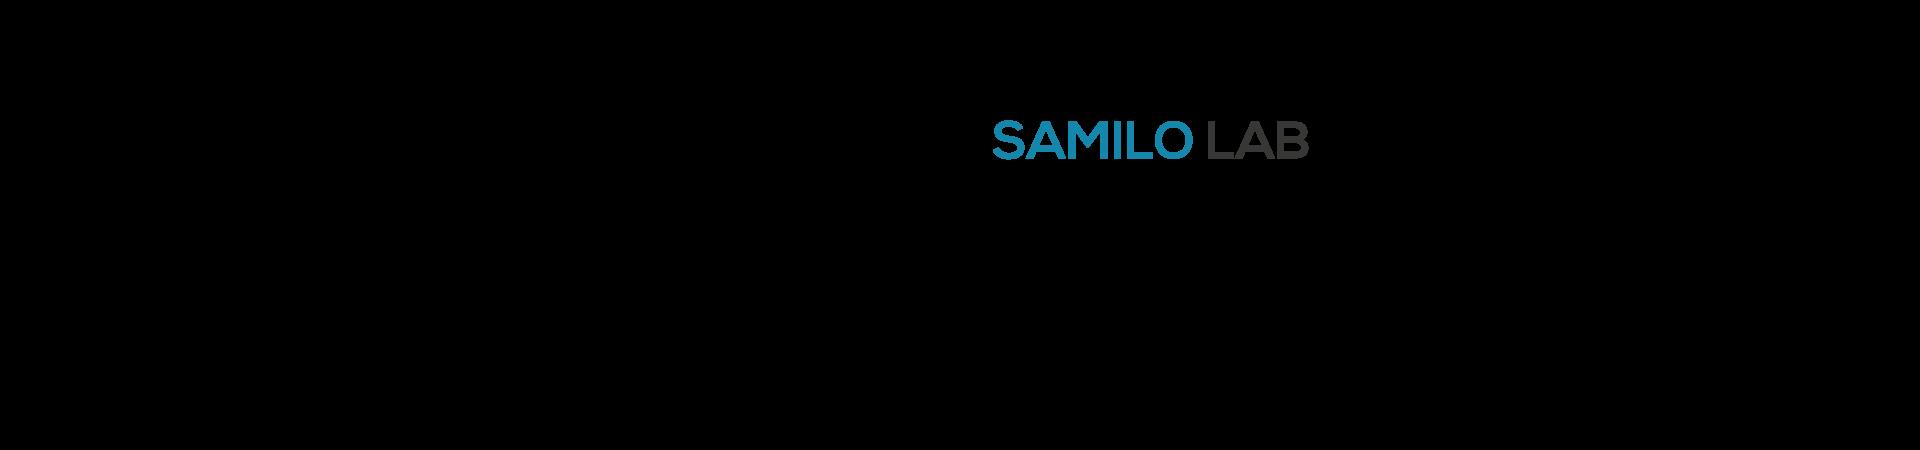 SAmilolab